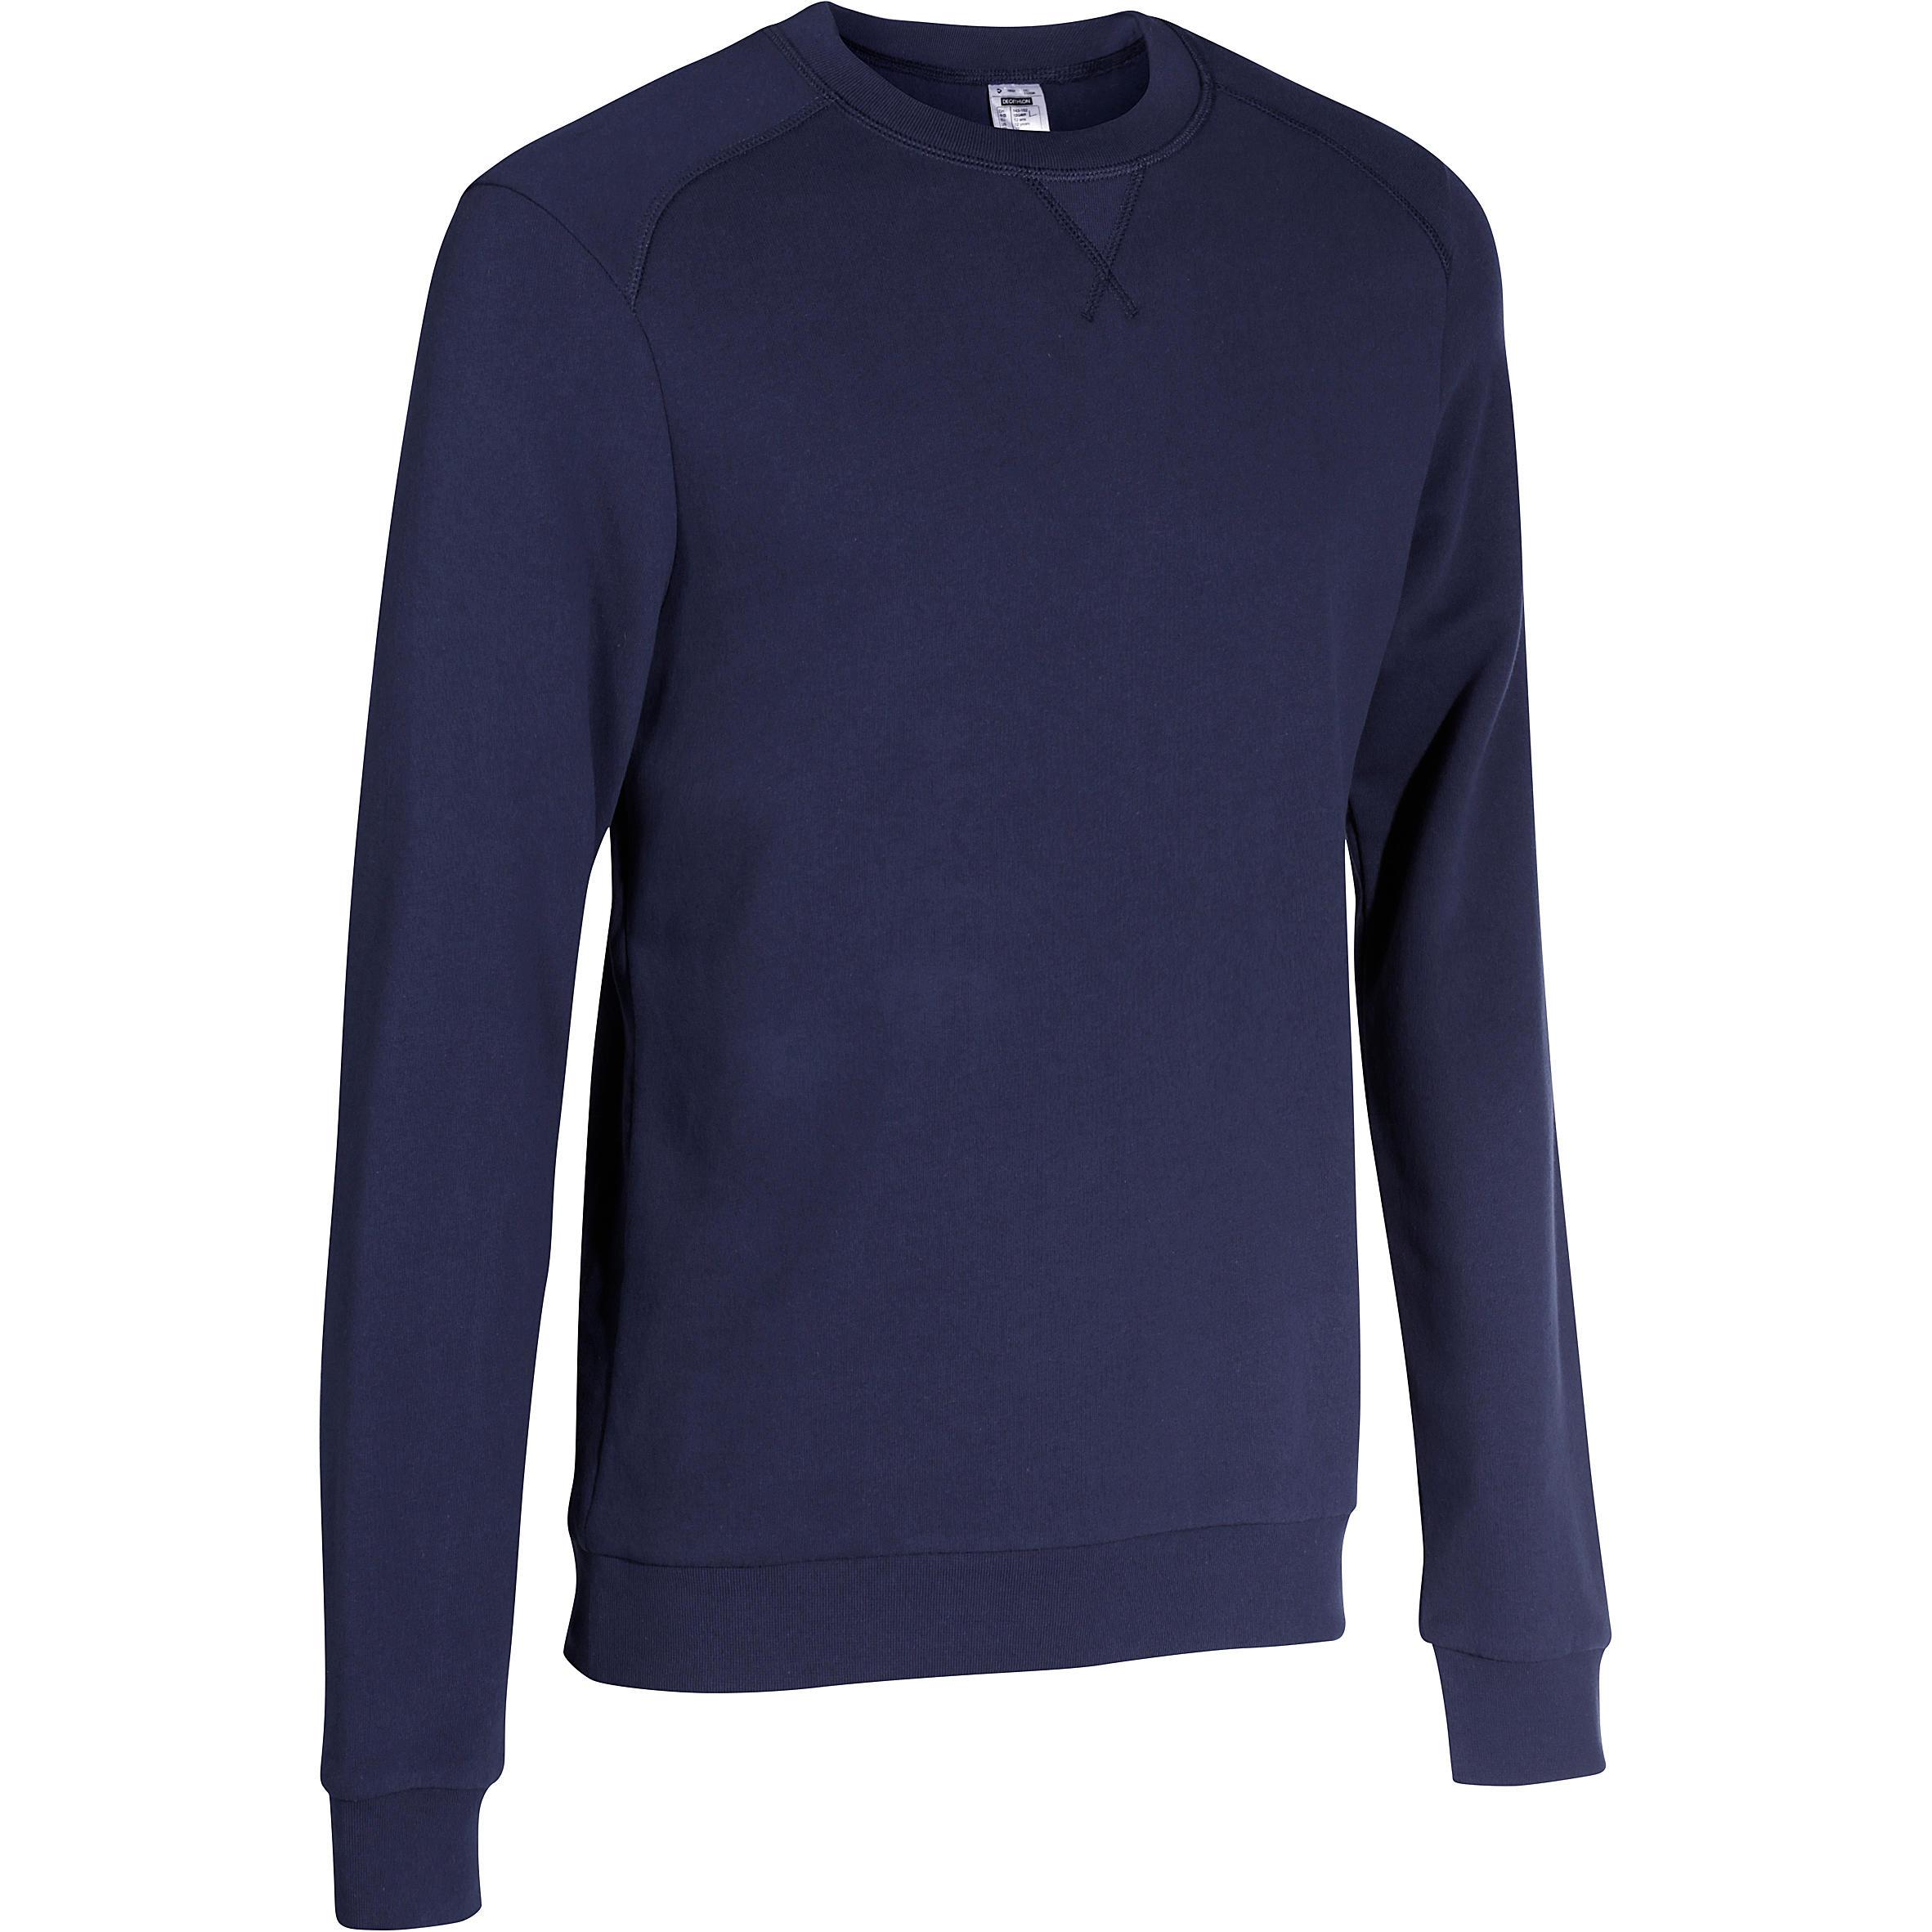 Domyos Herensweater met ronde hals voor fitness en pilates gem�leerd